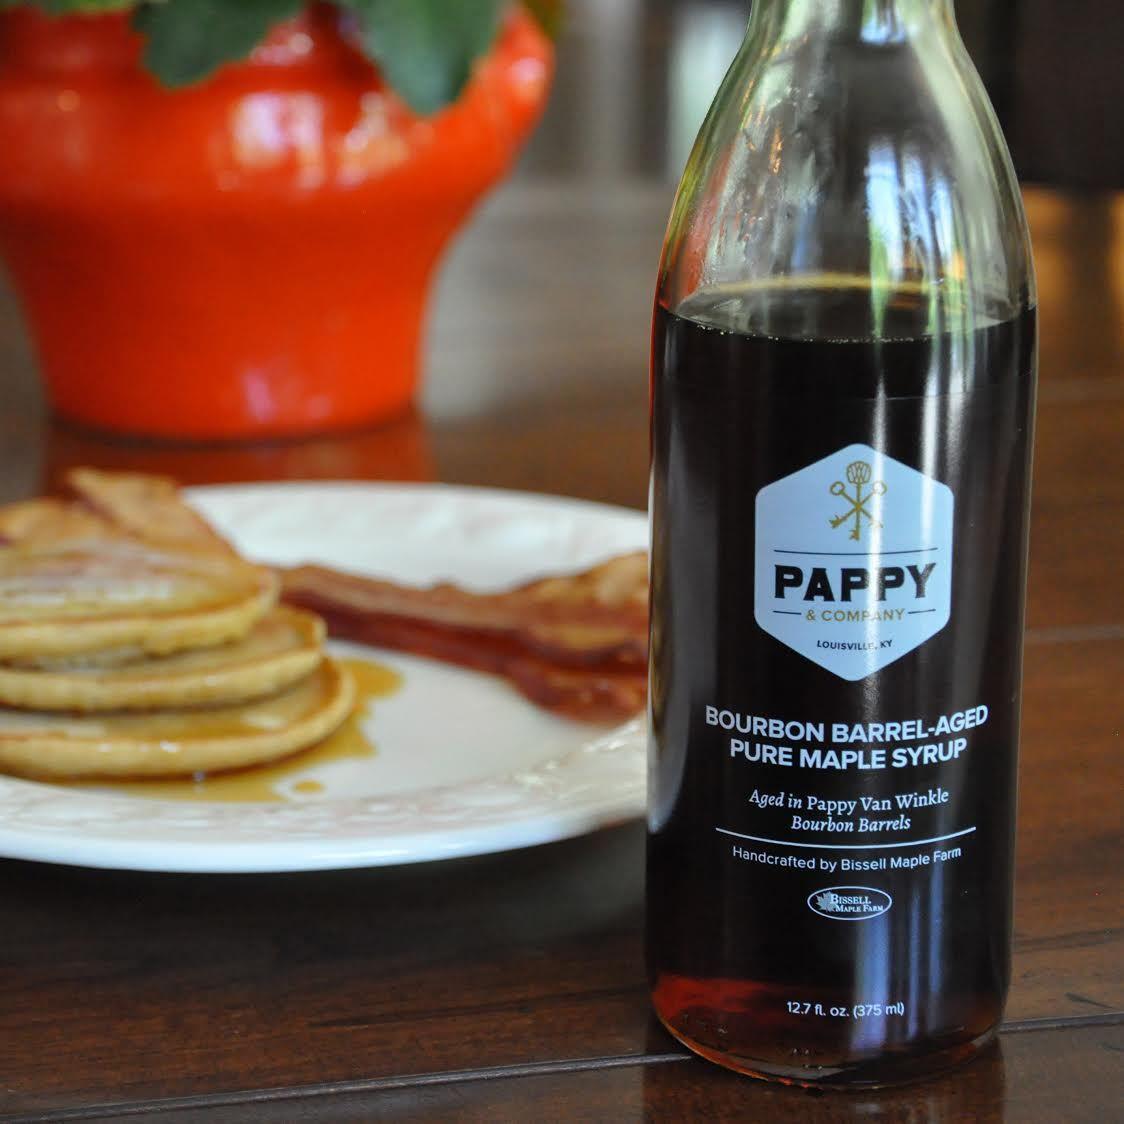 pappy van winkle bourbon barrel aged pure maple syrup van winkle